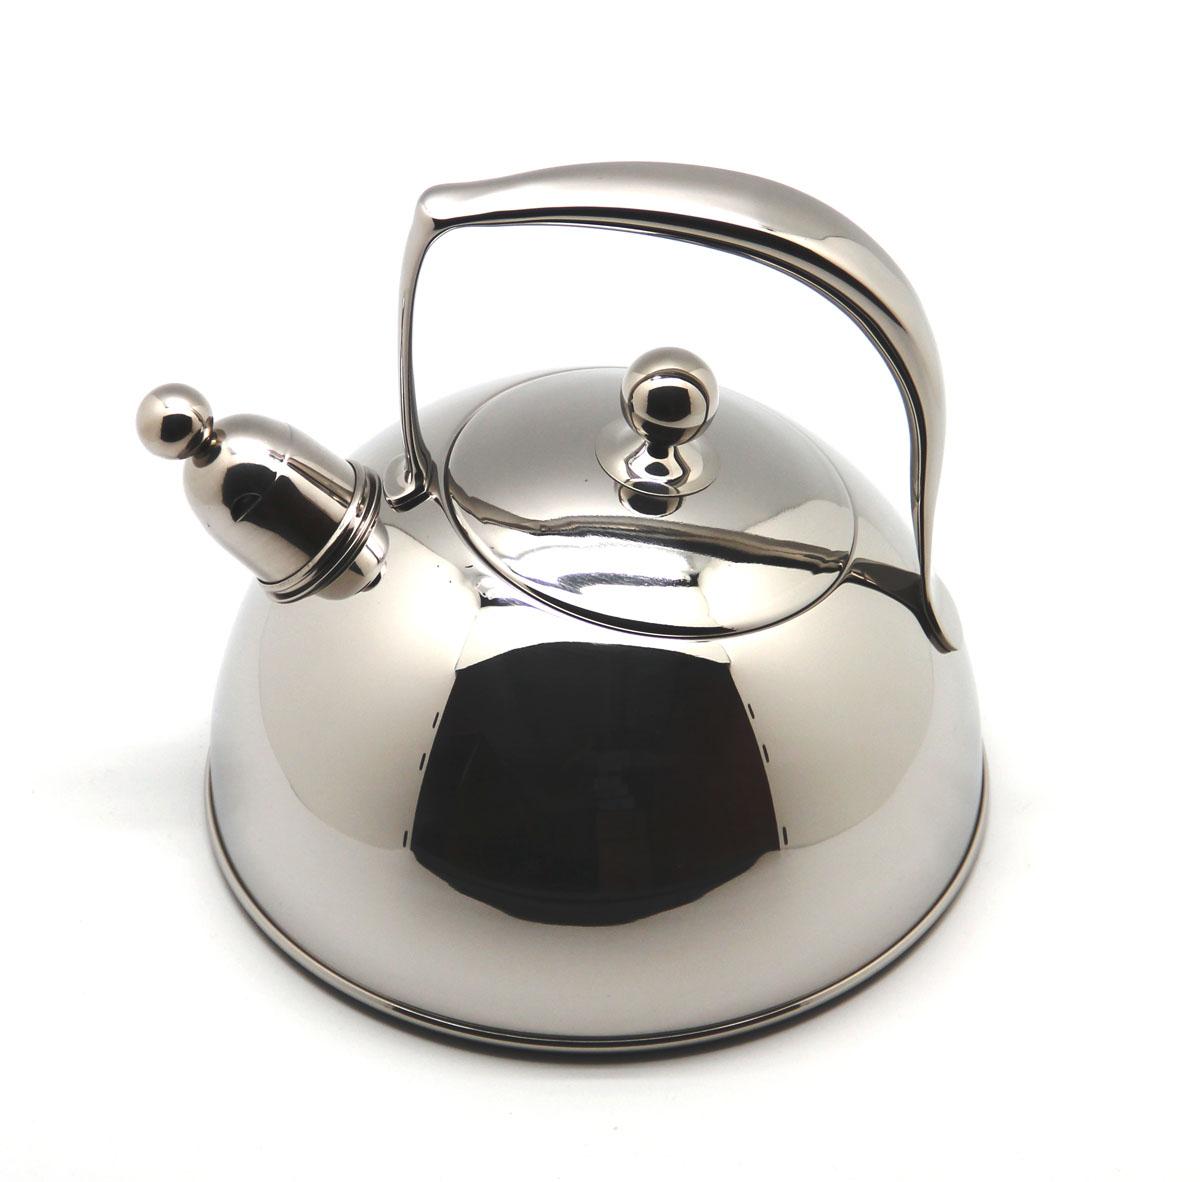 Чайник Silampos Жасмин со свистком, 2 л94672Чайник Silampos Жасмин изготовлен из высококачественной нержавеющей стали. Этот материал обладает высокой стойкостью к коррозии и кислотам. Прочность, долговечность и надежность этого материала, а также первоклассная обработка обеспечивают практически неограниченный запас прочности и неизменно привлекательный внешний вид. Чайник оснащен ручкой удобной формы. Благодаря широкому верхнему отверстию, в чайник удобно заливать воду и прочищать его изнутри. Носик чайника имеет свисток, оповещающий о закипании воды. Можно использовать на газовых, электрических, галогенных, стеклокерамических, индукционных плитах. Не рекомендуется мыть в посудомоечной машине.